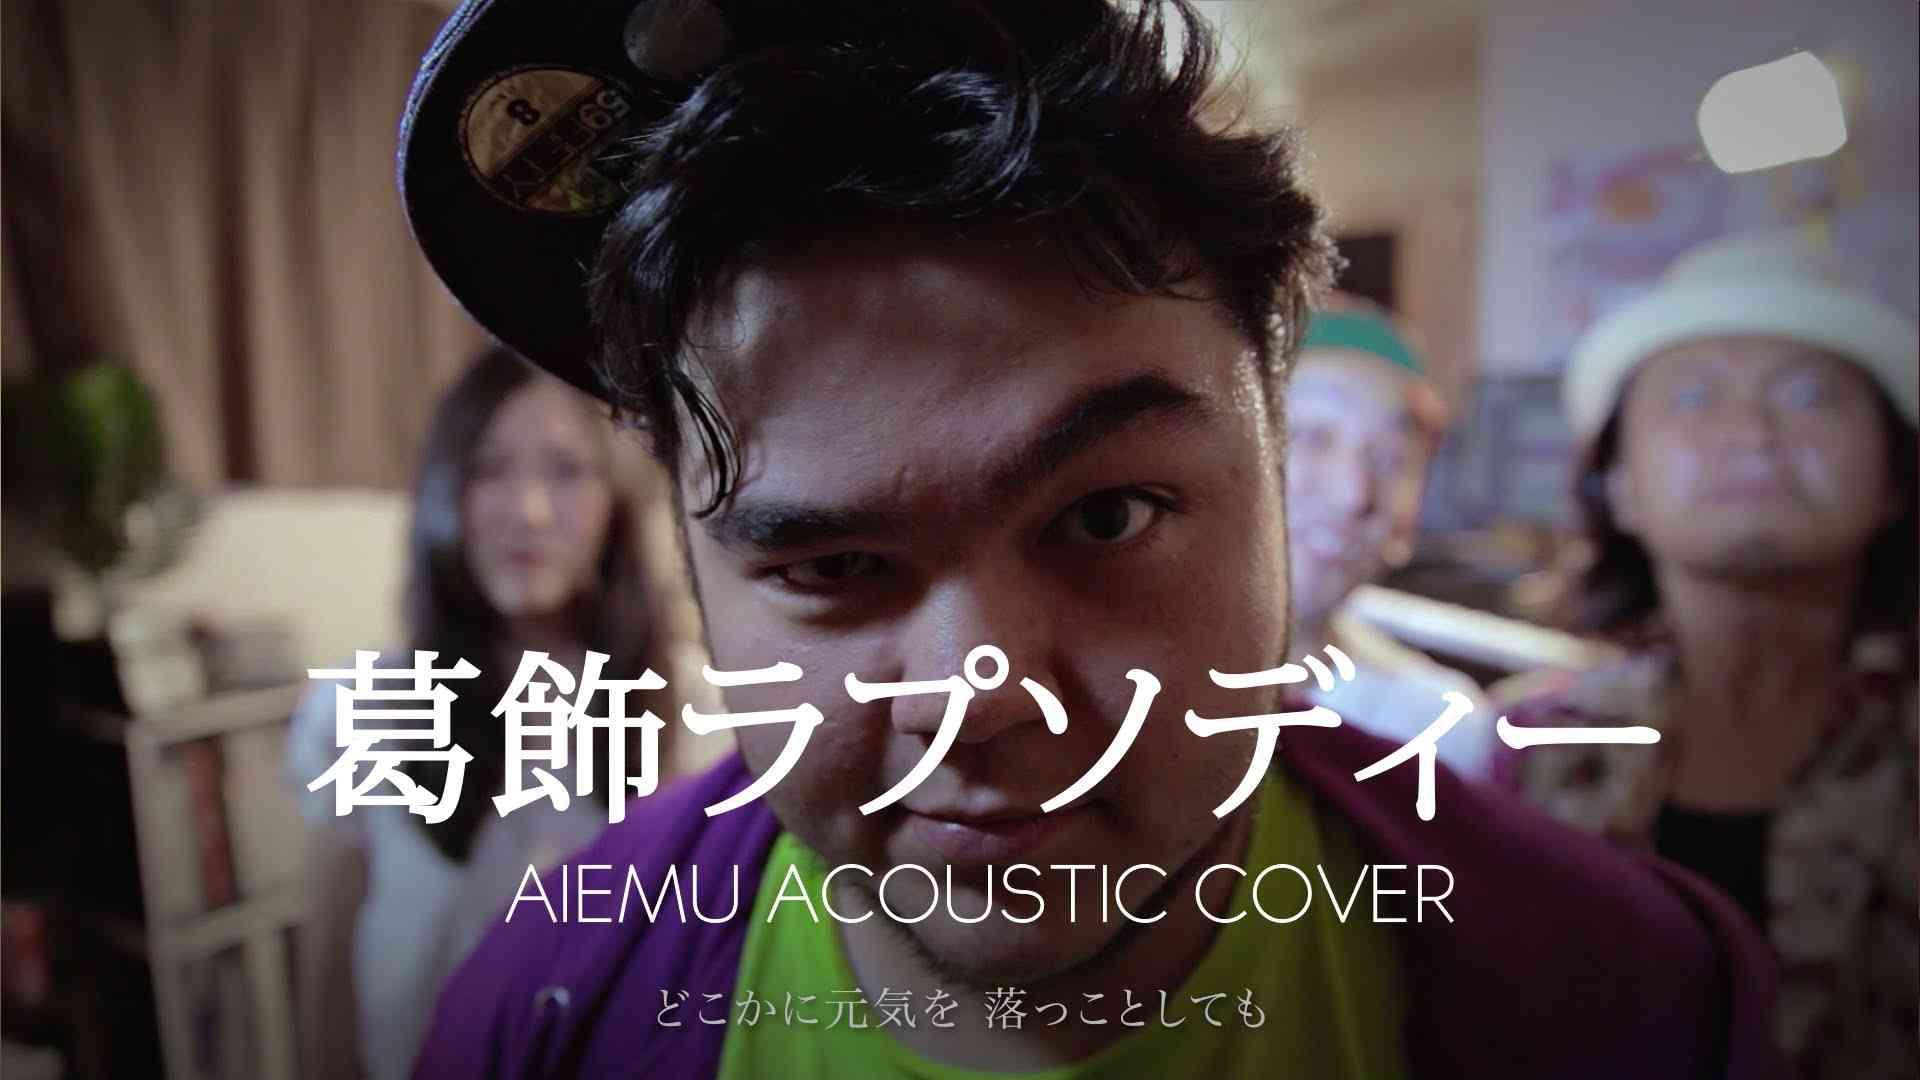 葛飾ラプソディー - 堂島孝平(愛笑む acoustic cover) - YouTube